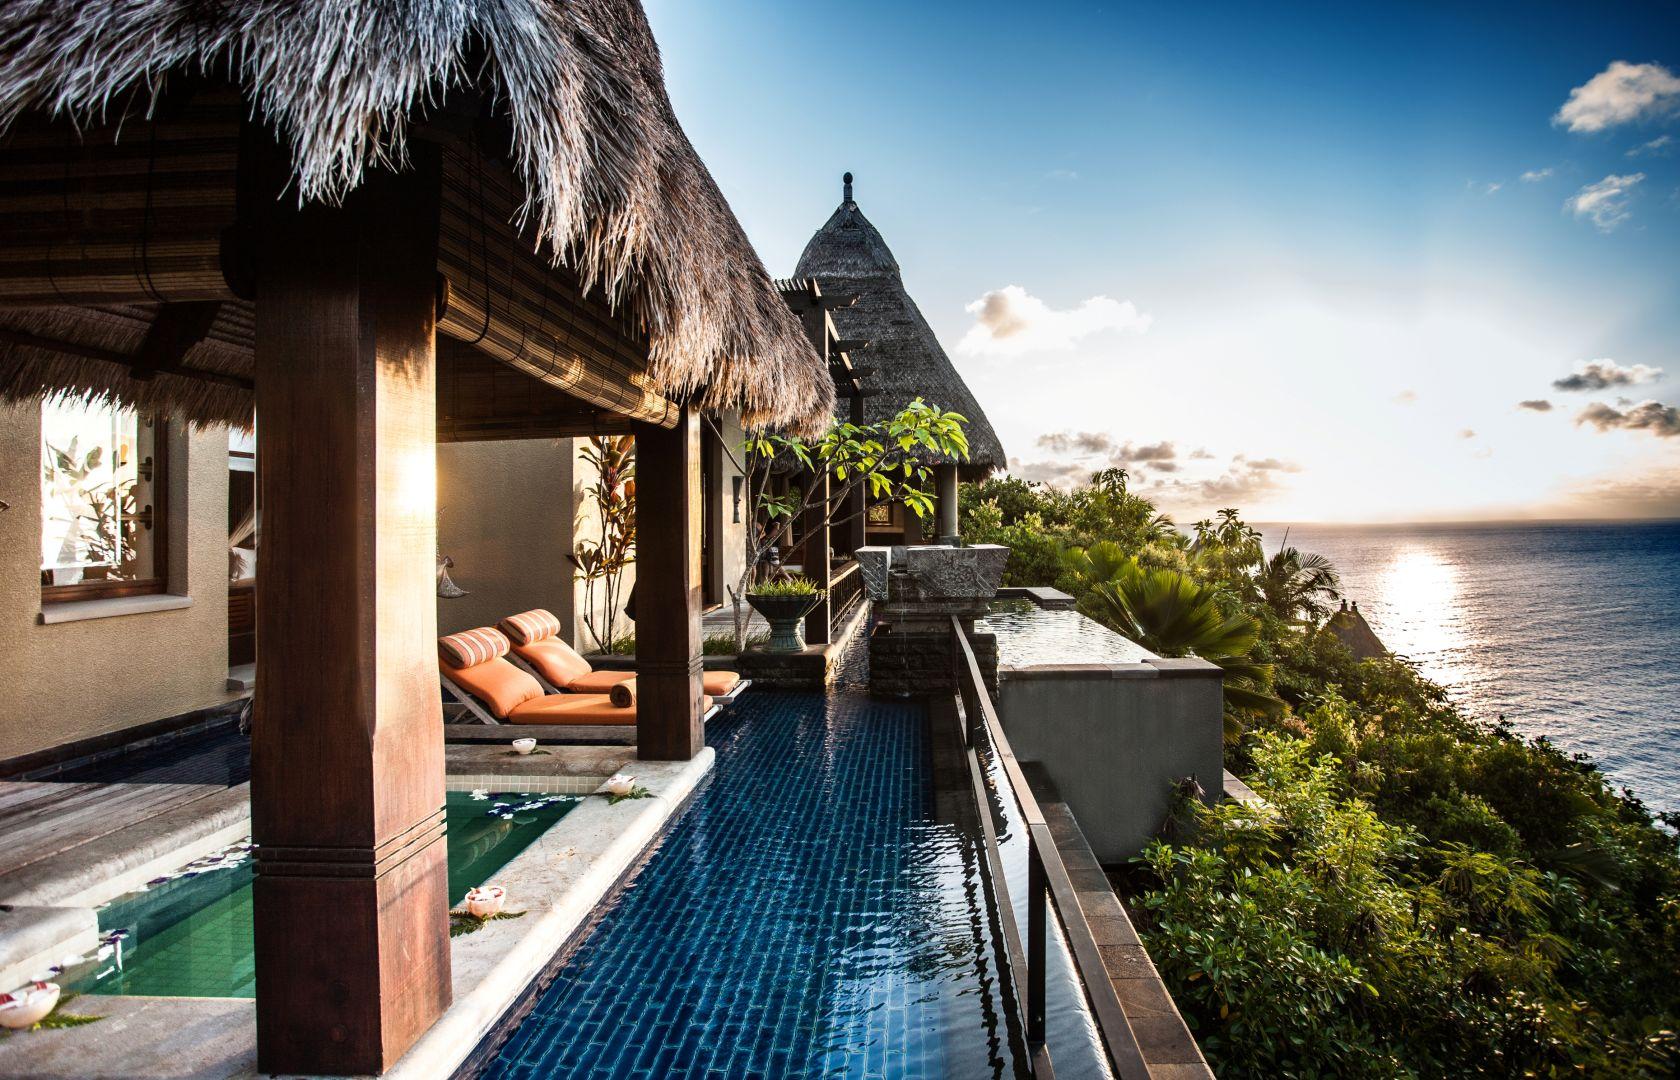 voyage de luxe le maia - seychelles